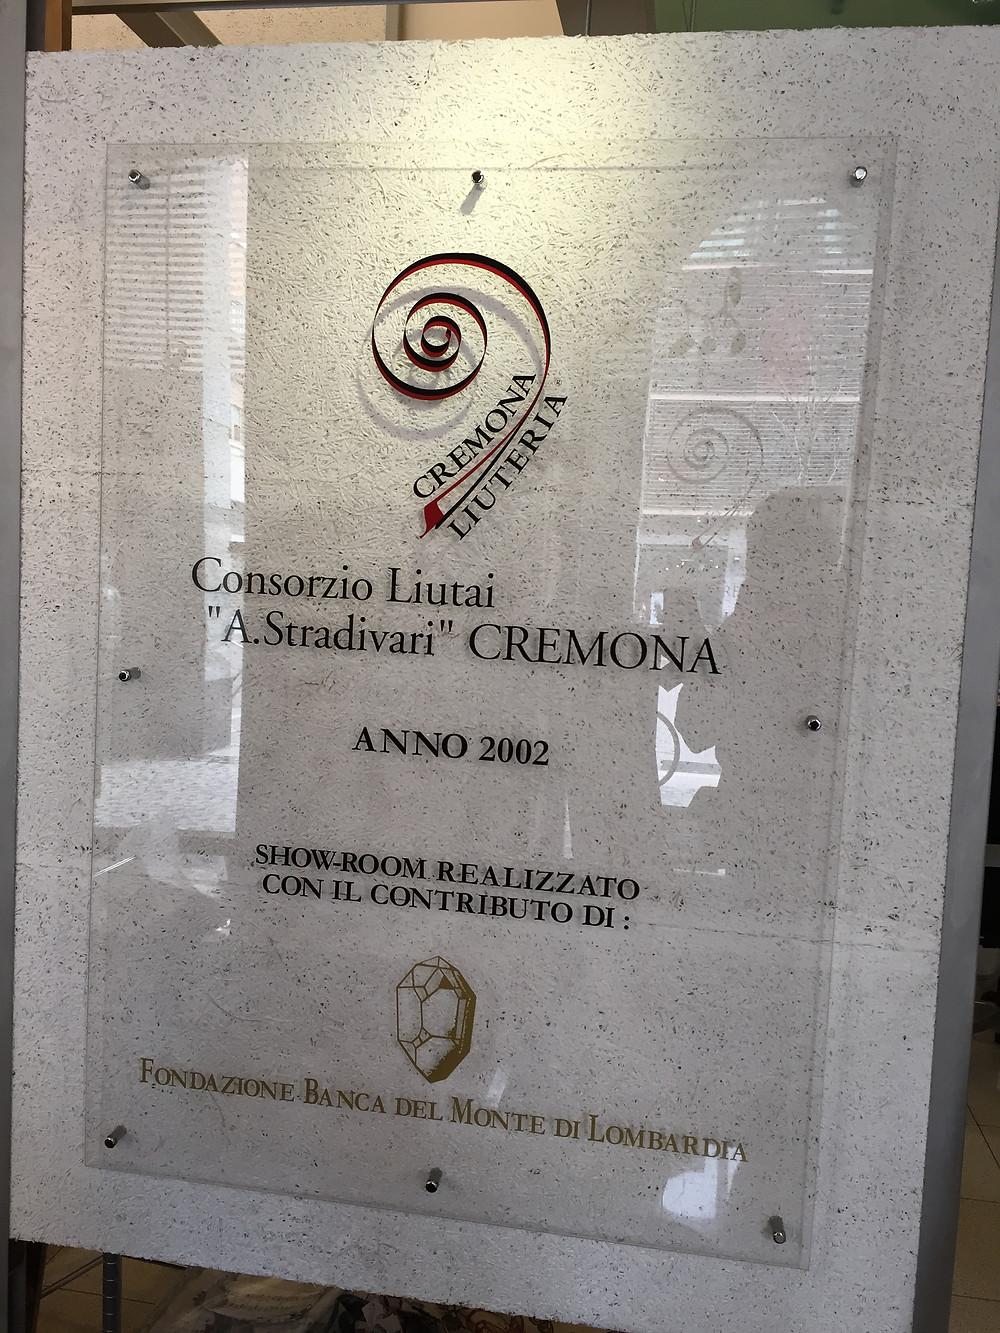 Consorzio Liutai Cremona